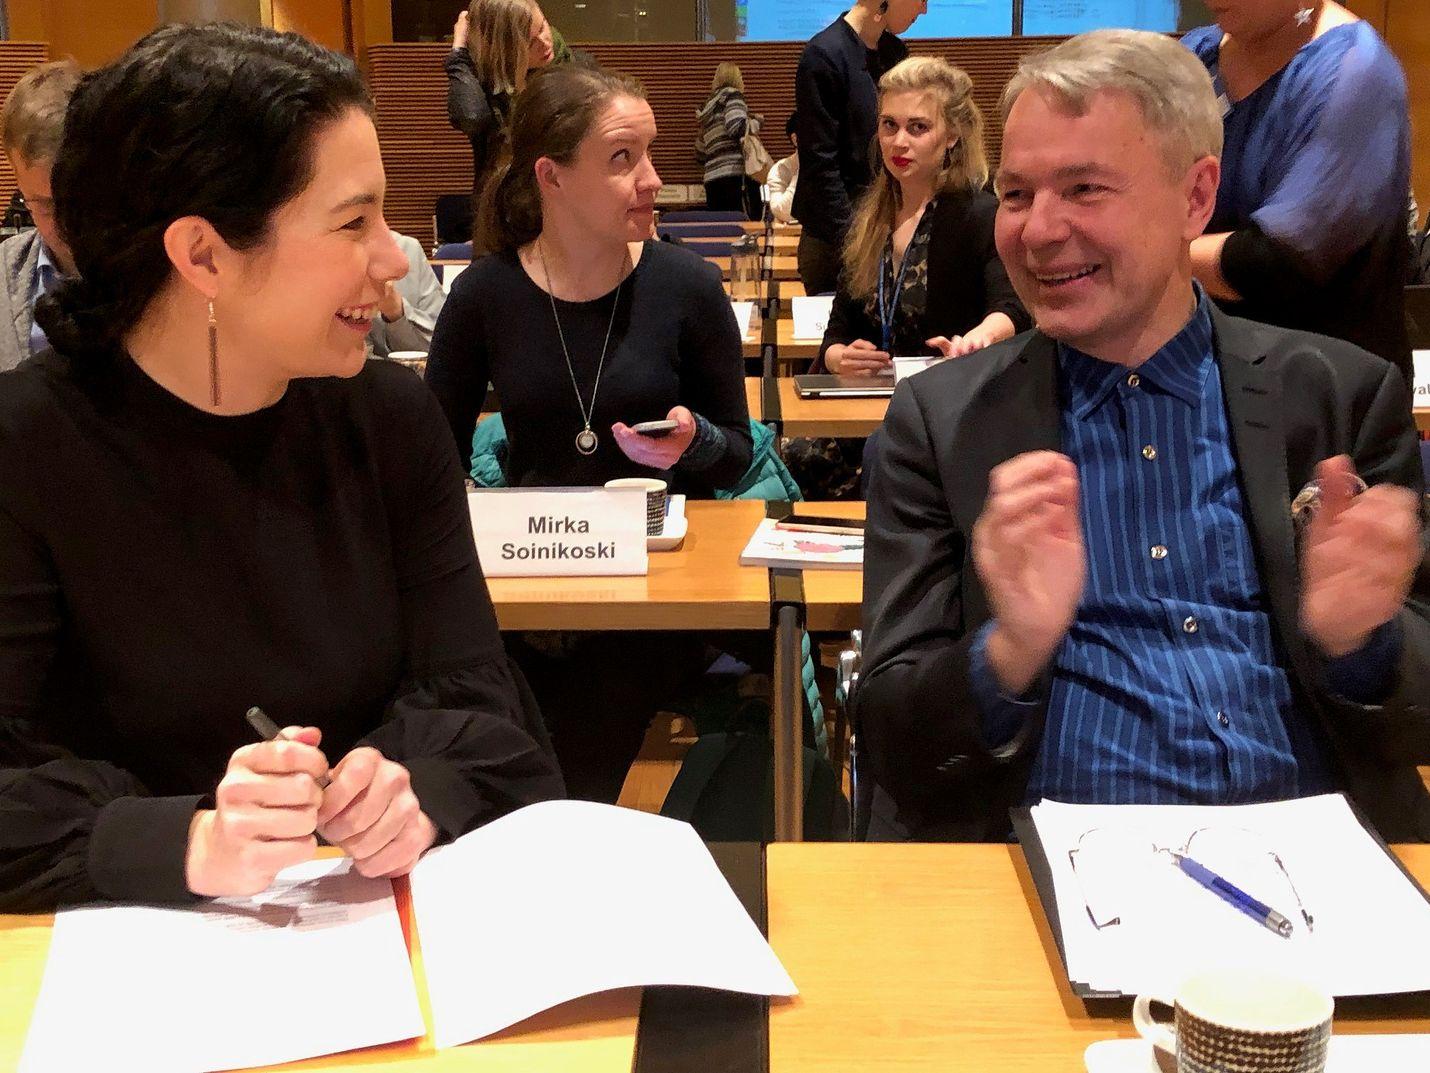 Vihreiden puheenjohtaja Pekka Haavisto sanoi, että seuraavan hallituksen pitää olla tasa-arvon ja kestävän kehityksen hallitus. Haaviston vieressä kansanedustaja Emma Kari.